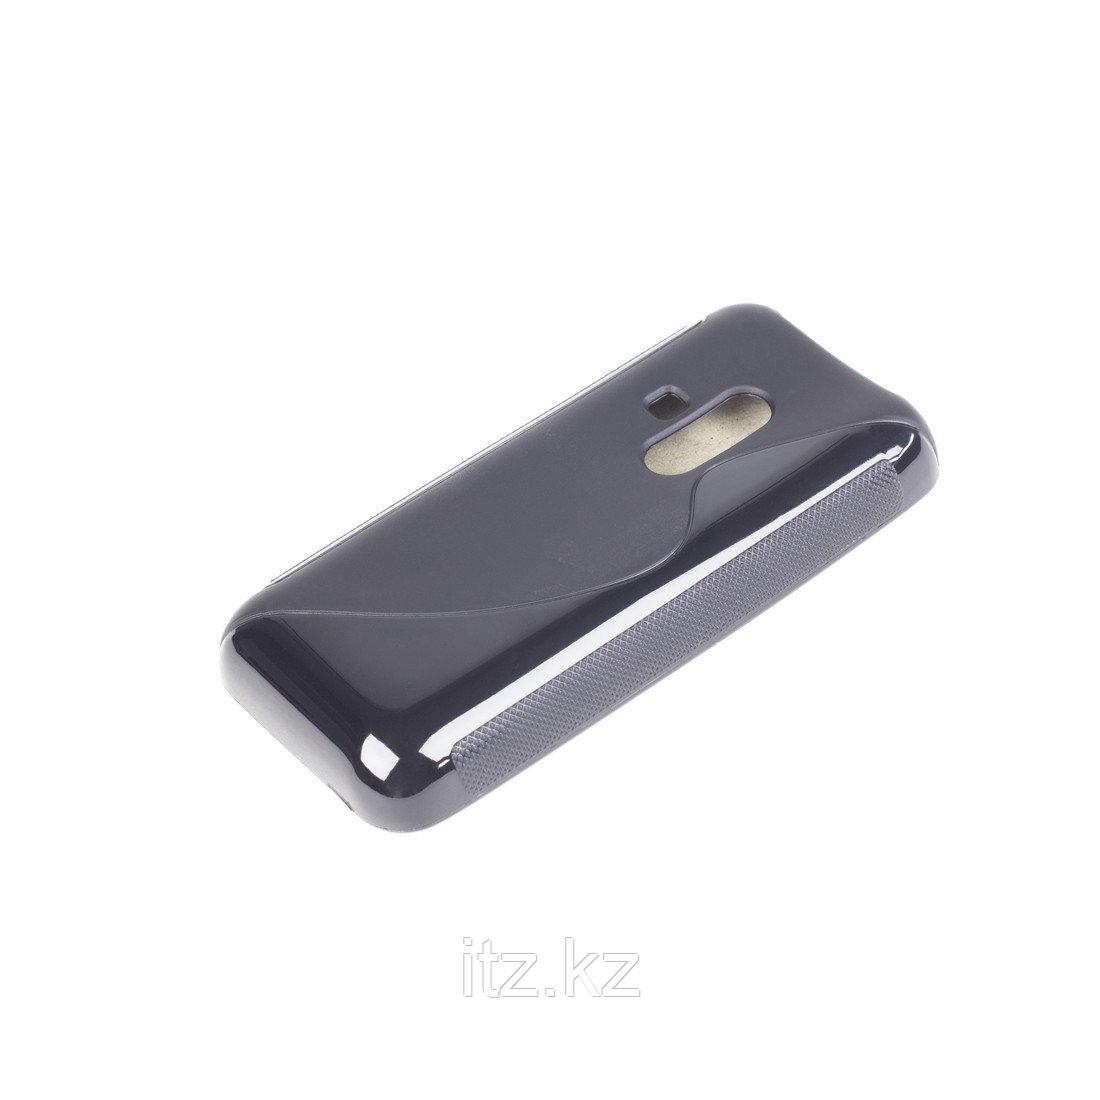 Чехол для телефона NOKIA 220 Duos